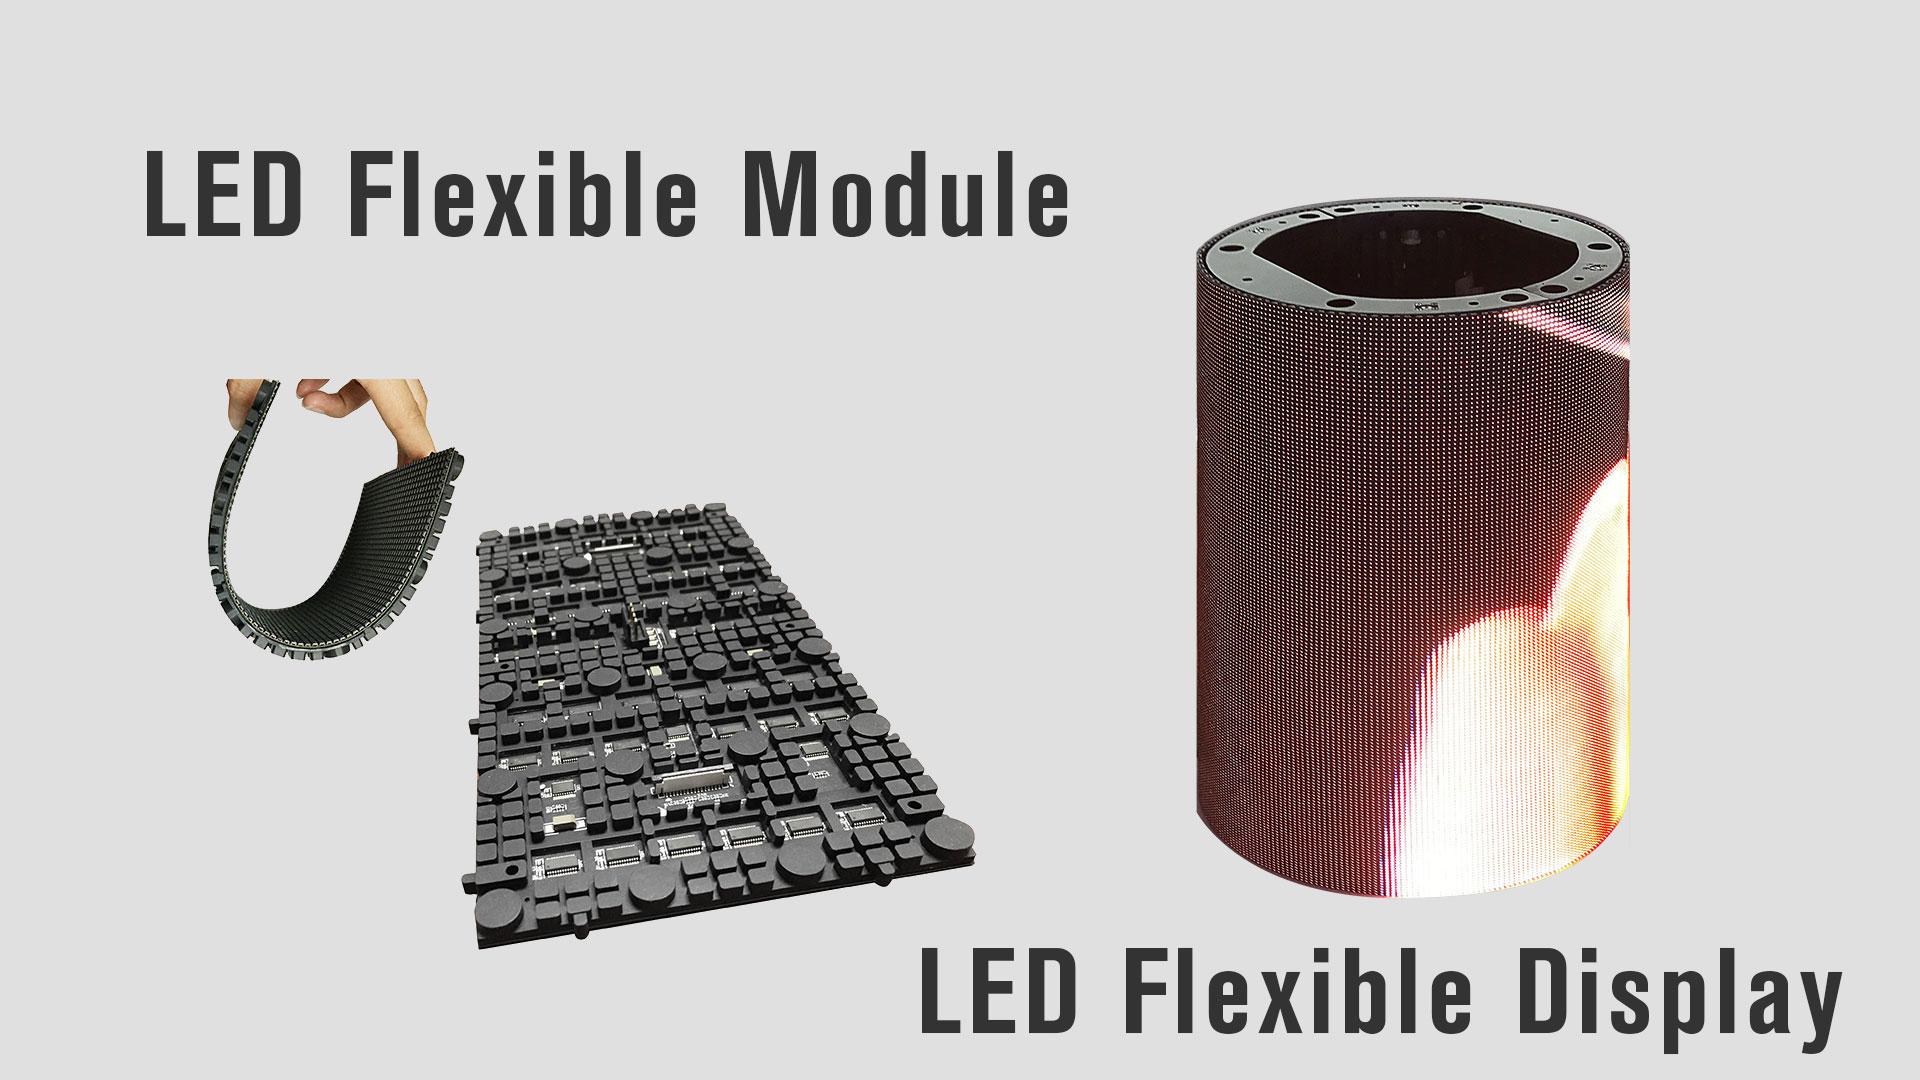 iDisplaylediFlexである屋内フレキシブルLEDディスプレイの360度ビュー